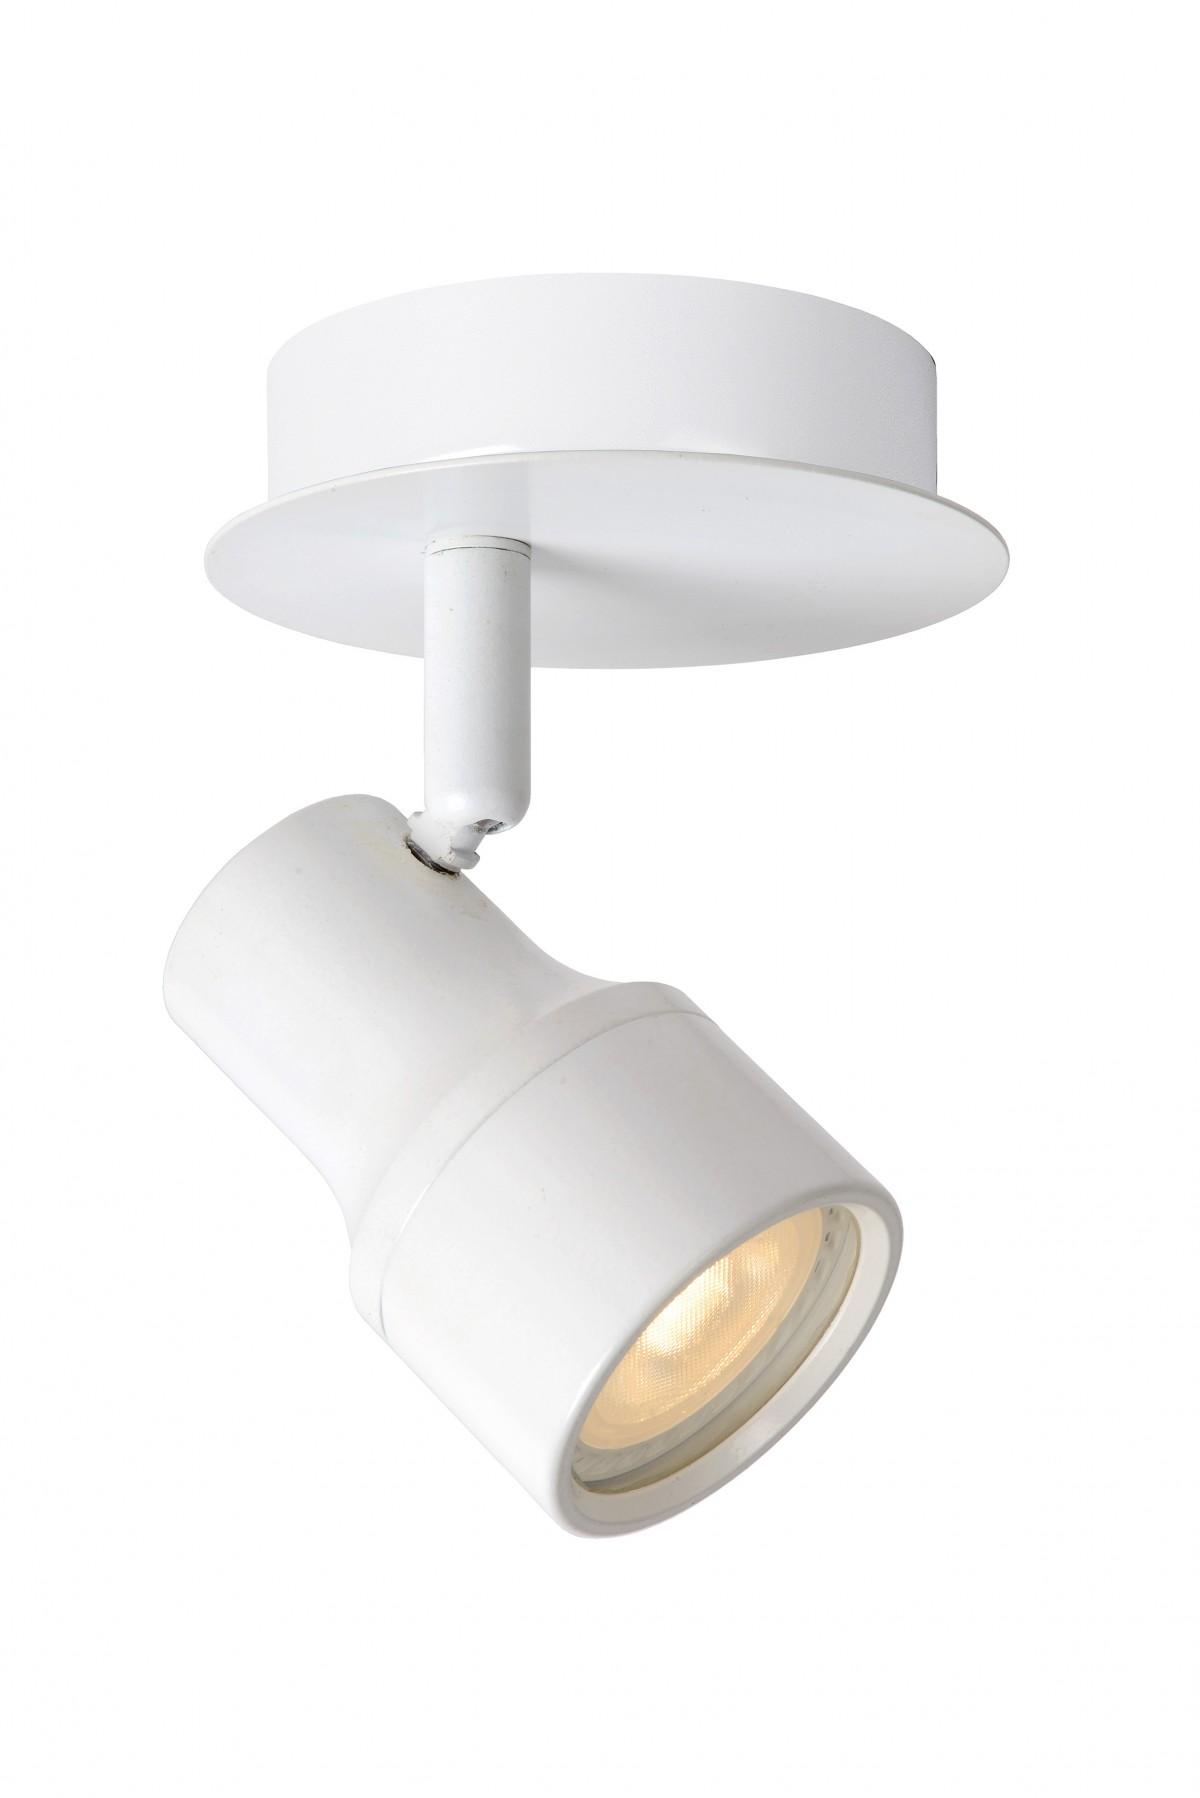 LED stropní bodové svítidlo Lucide Sirene 17948/05/31 1x5W GU10 - moderní koupelnové bodovky